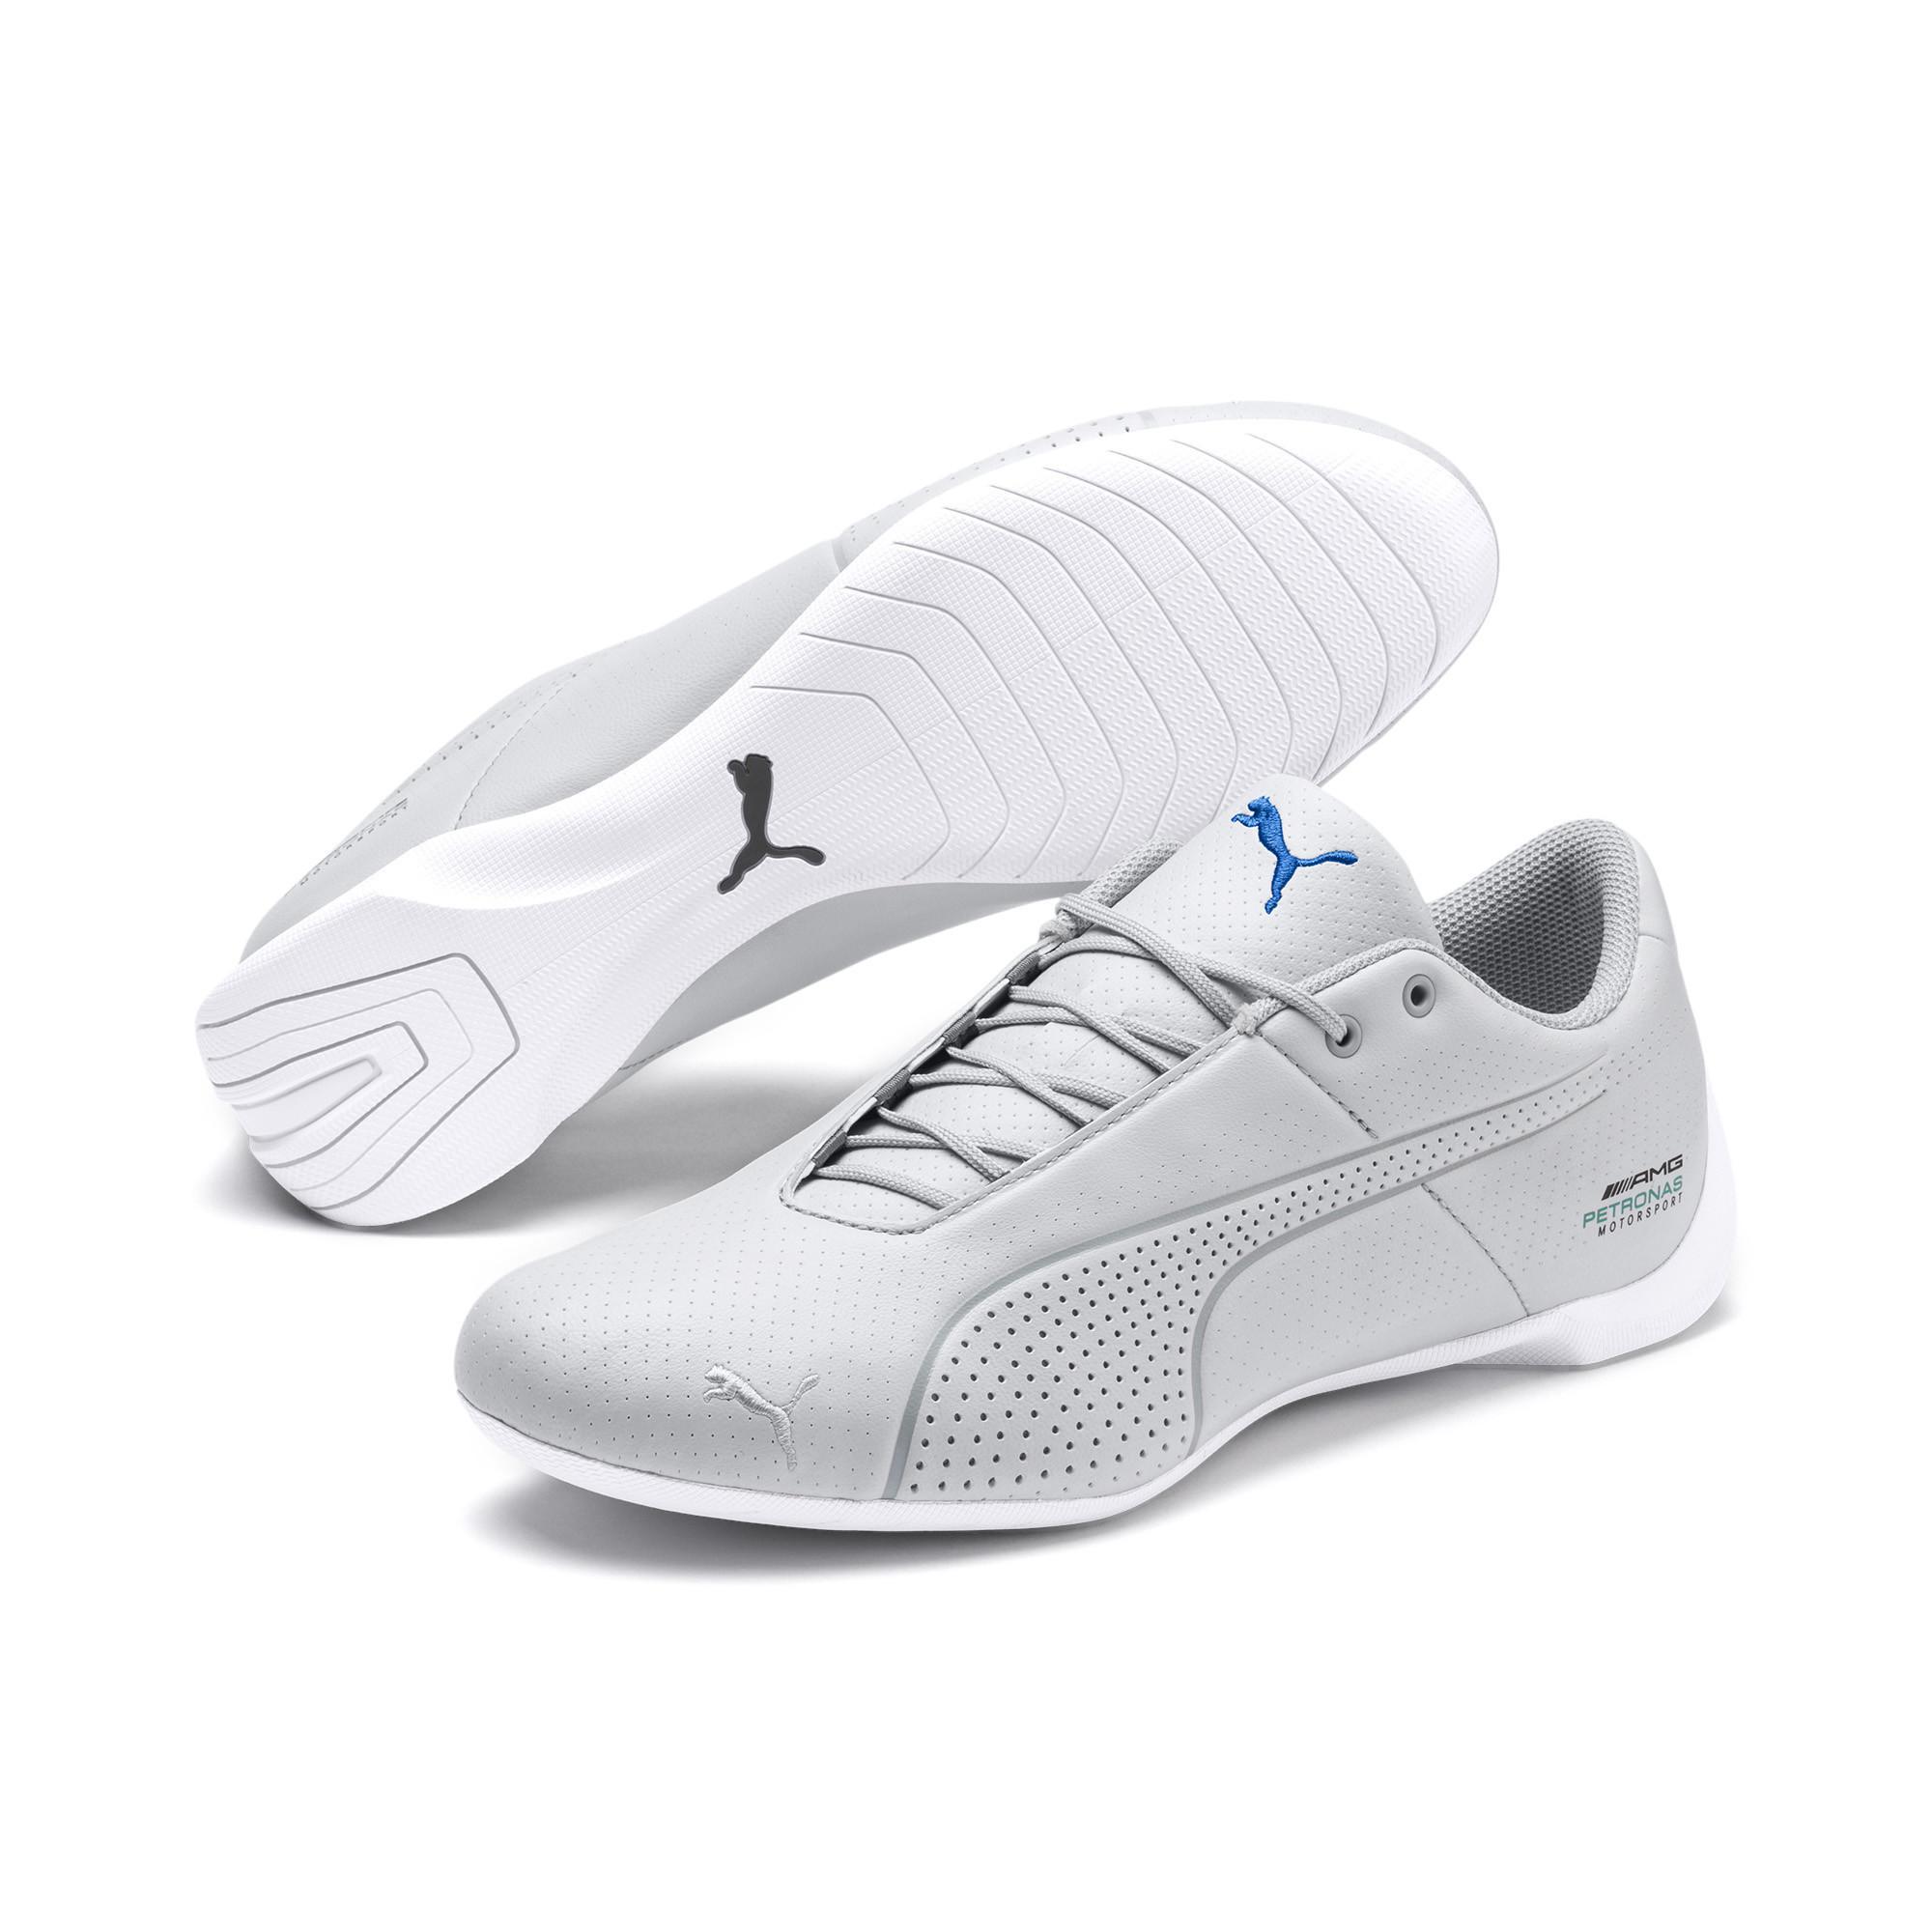 198dcd5930e17f Lyst - PUMA Mercedes Amg Petronas Future Cat Ultra Sneakers in White